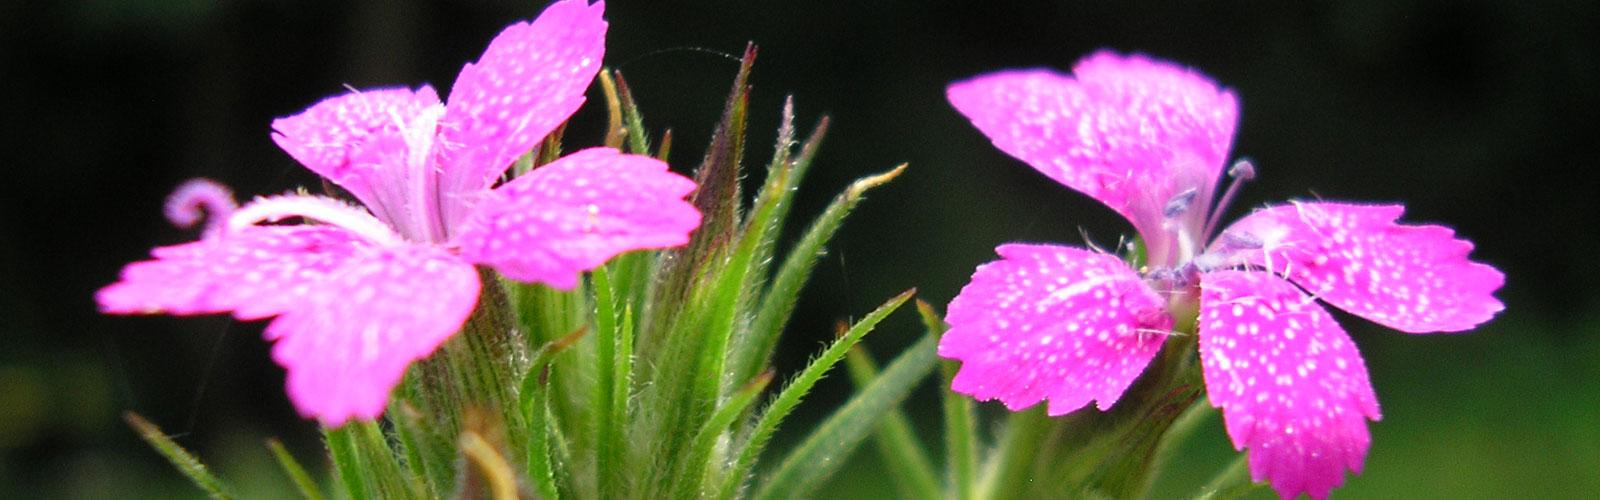 nacionalni-park-kozara-vegetacija-i-biljni-fond-1